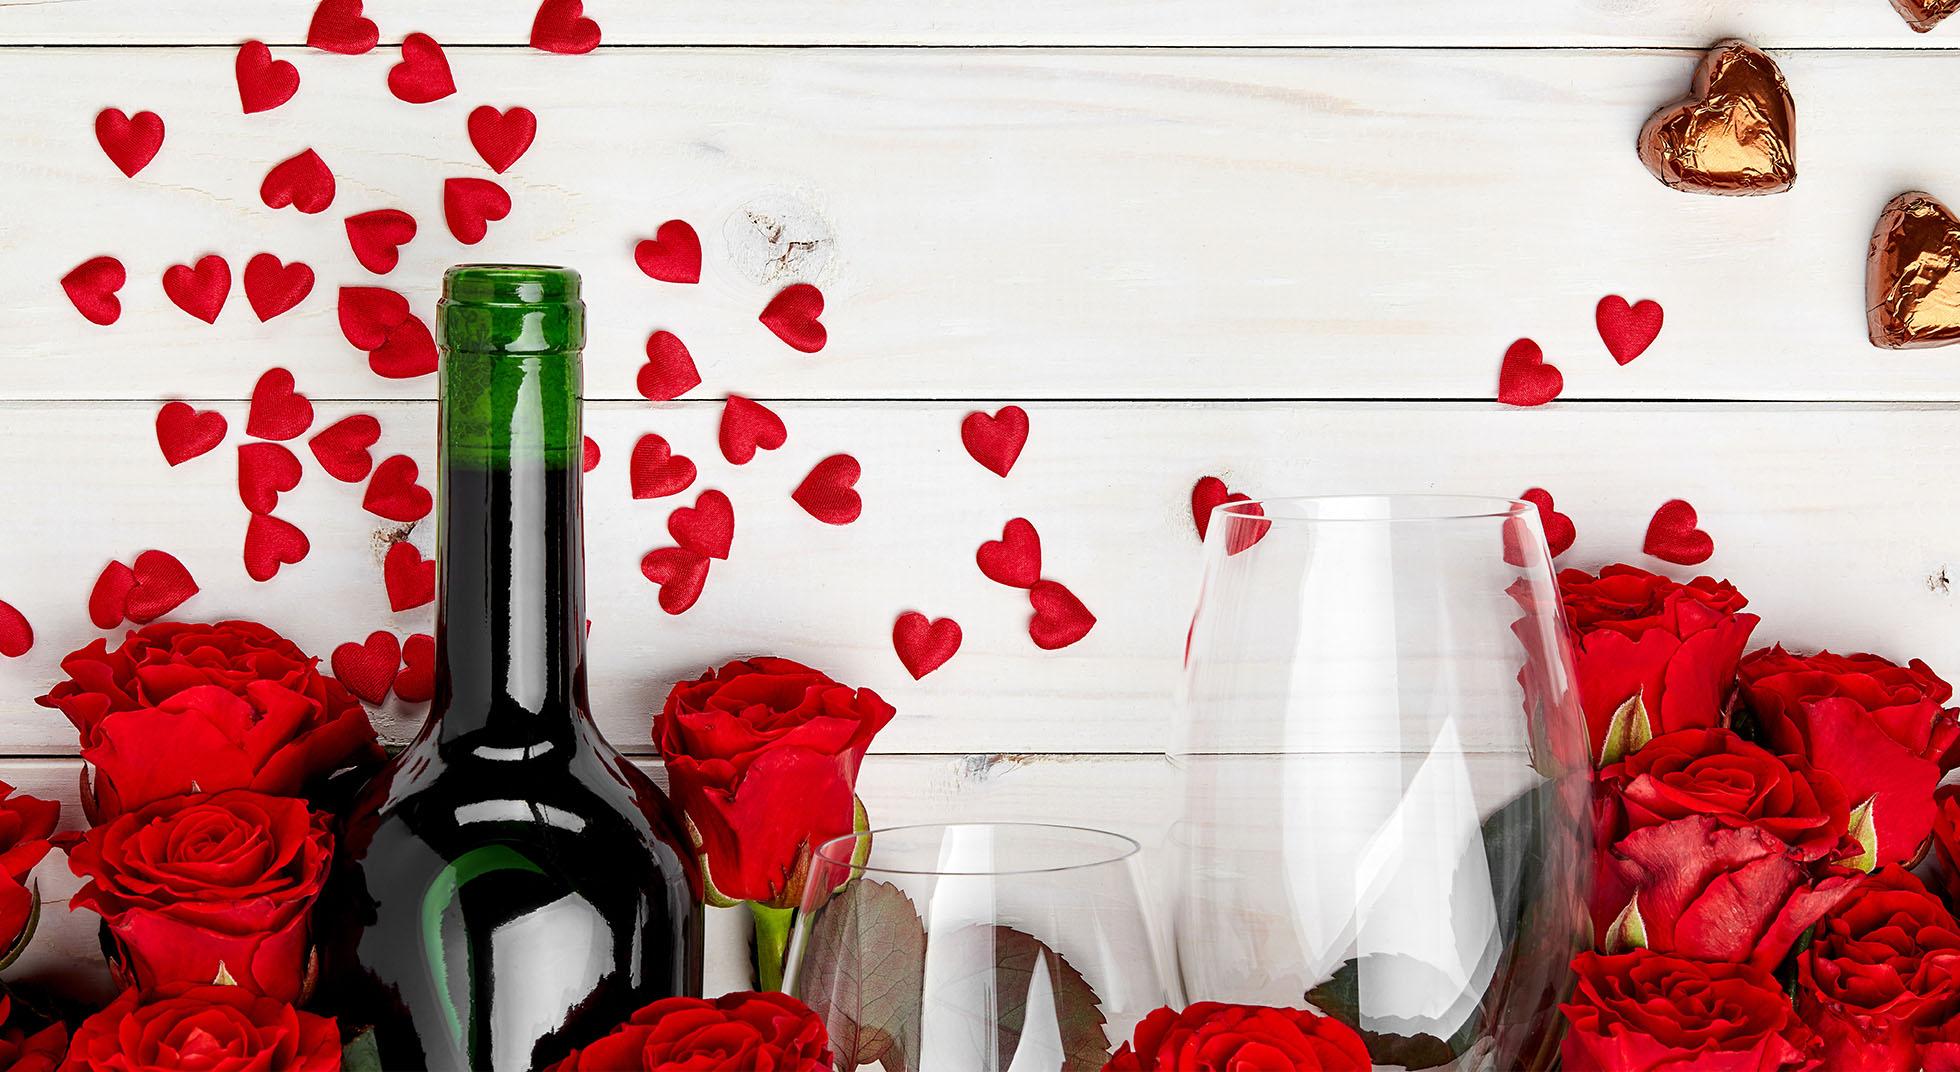 Apparecchiare la tavola di san valentino consigli e idee aia food - Idee tavola san valentino ...